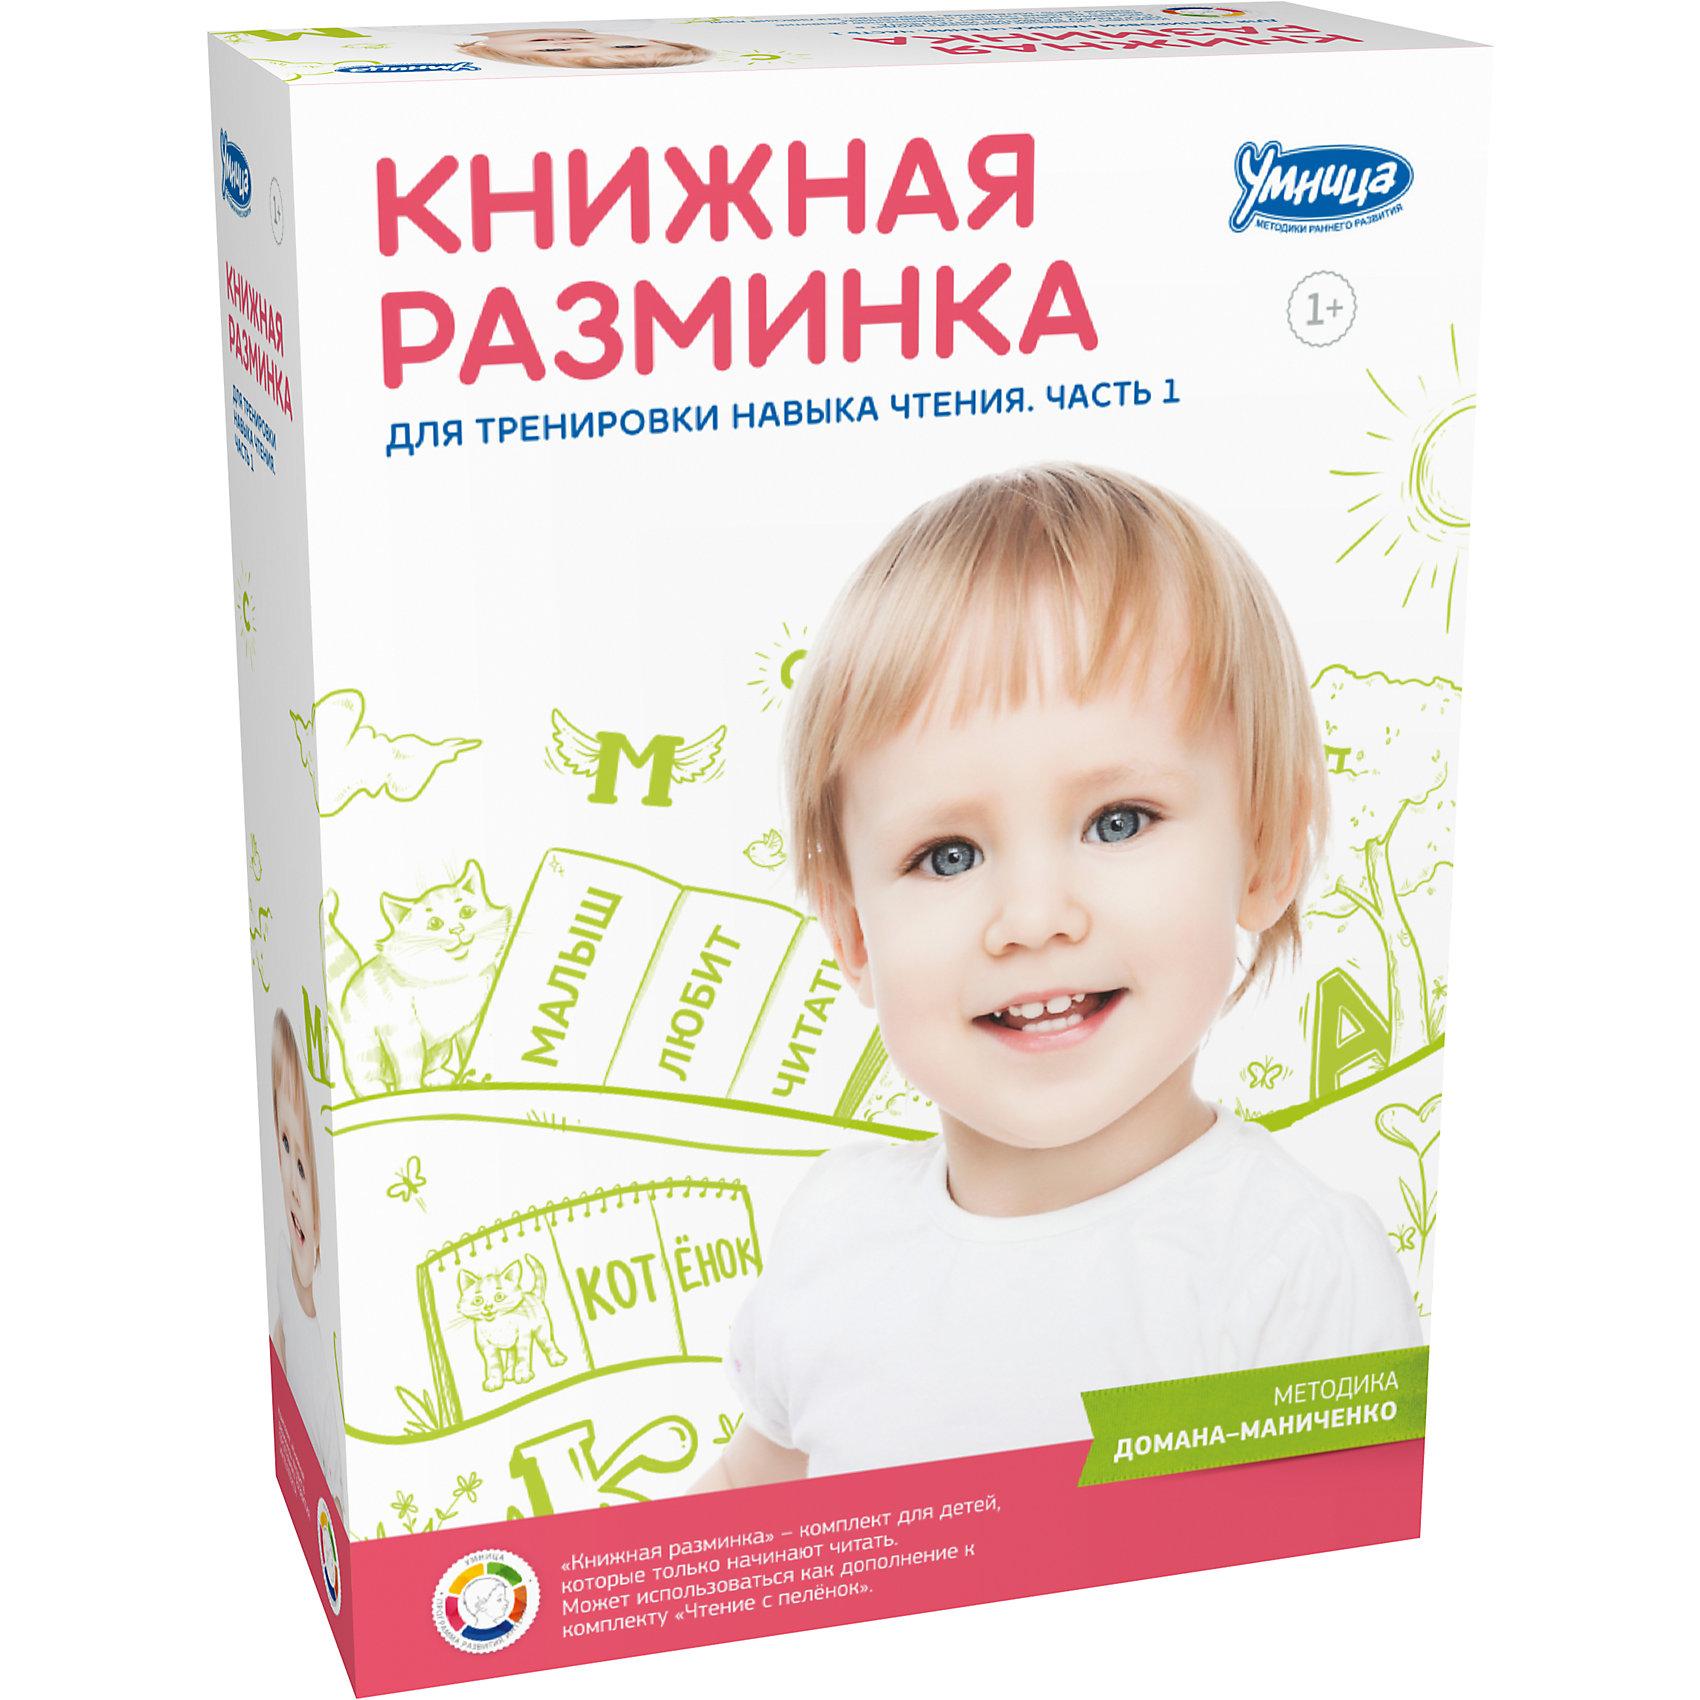 Книжная разминка, Часть 1Умница<br>Характеристики:<br><br>• Вид игр: обучающие, развивающие<br>• Серия: Книжная разминка<br>• Материал: картон, бумага<br>• Комплектация: 2 комплекта книг с текстами и заданиями<br>• Тип упаковки: картонная коробка<br>• Размеры упаковки (Д*Ш*В): 24*32*85 см<br>• Вес в упаковке: 3 кг 100 г<br><br>Серия книг Книжная разминка, Часть 1 состоит из 2-х комплектов книжек: книги-вертушки и книги-игрушки.  Каждая книга сопровождается ярким иллюстративным материалом и текстами. Текстовая часть приведена в сжатой форме и адаптирована для детей дошкольного возраста. При этом тексты составляются ребенком из слов-страничек. <br><br>Серию книг Книжная разминка, Часть 1 можно купить в нашем интернет-магазине.<br><br>Ширина мм: 240<br>Глубина мм: 320<br>Высота мм: 850<br>Вес г: 3100<br>Возраст от месяцев: 36<br>Возраст до месяцев: 2147483647<br>Пол: Унисекс<br>Возраст: Детский<br>SKU: 5523183